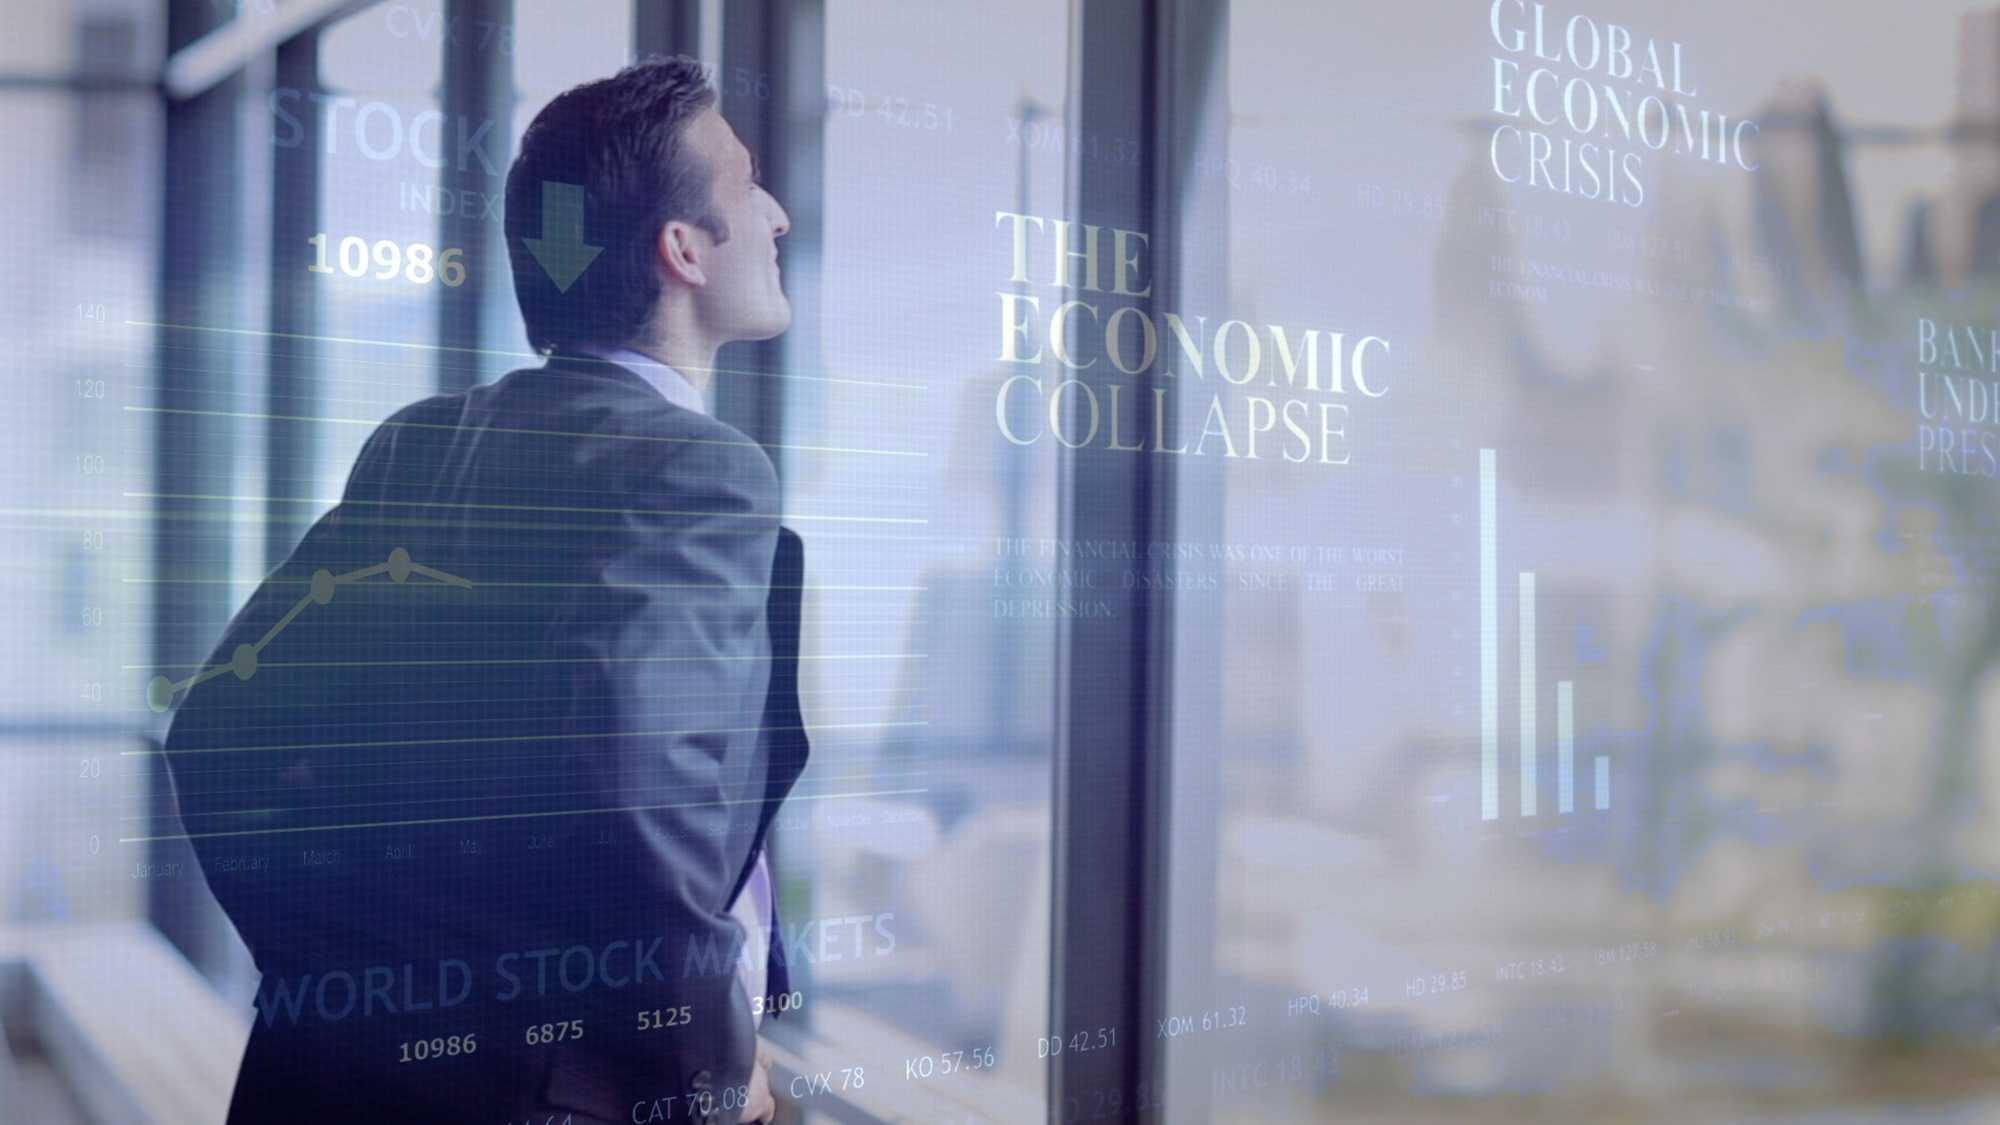 """Das Bild zeigt einen Mann der einen Anzug trägt. Er steht vor einem Fenster und stemmt die Hände in die Hüften. Er schaut hinaus. Neben ihm ist eine Animation zu sehen, die Worte """"The economic colapse"""" sind zu lesen. Das Bild dient als Sliderbild für den Portfolioeintrag H1 Fond von Panda Pictures."""